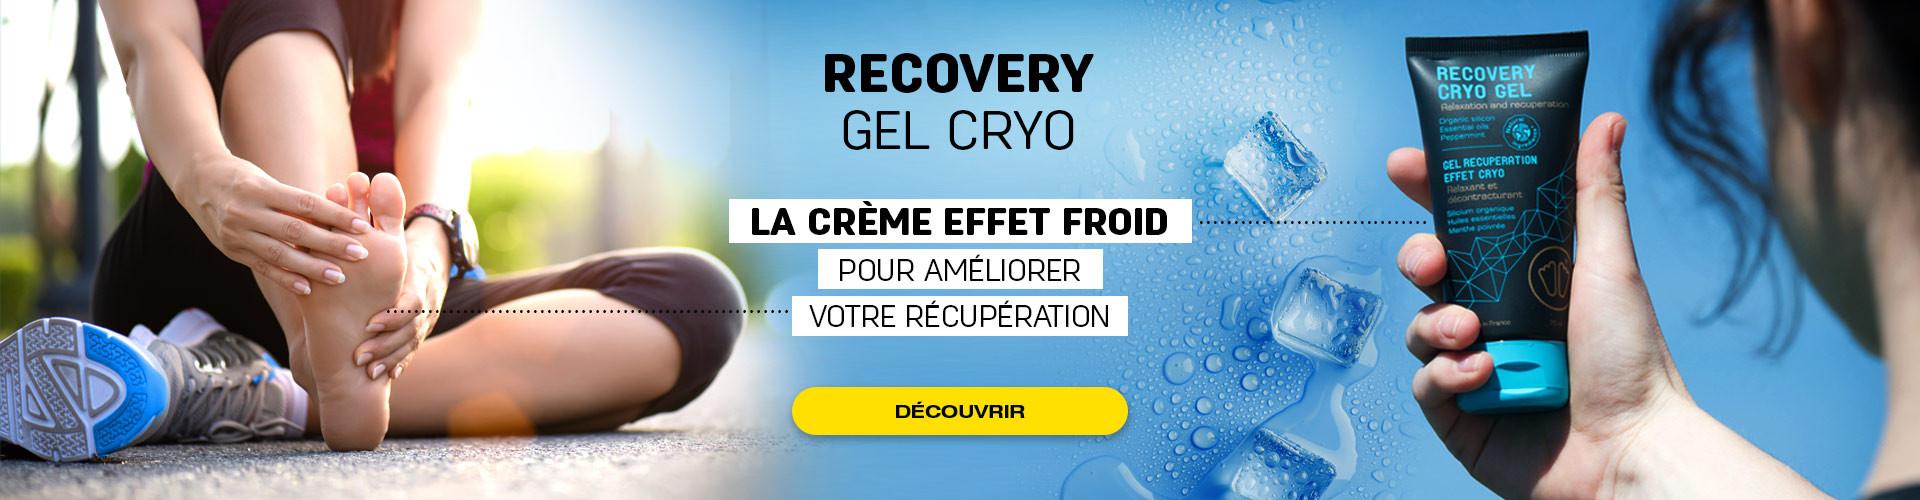 La crème cryo pour vous aider à récupérer et éviter les courbatures après vos séances de sport